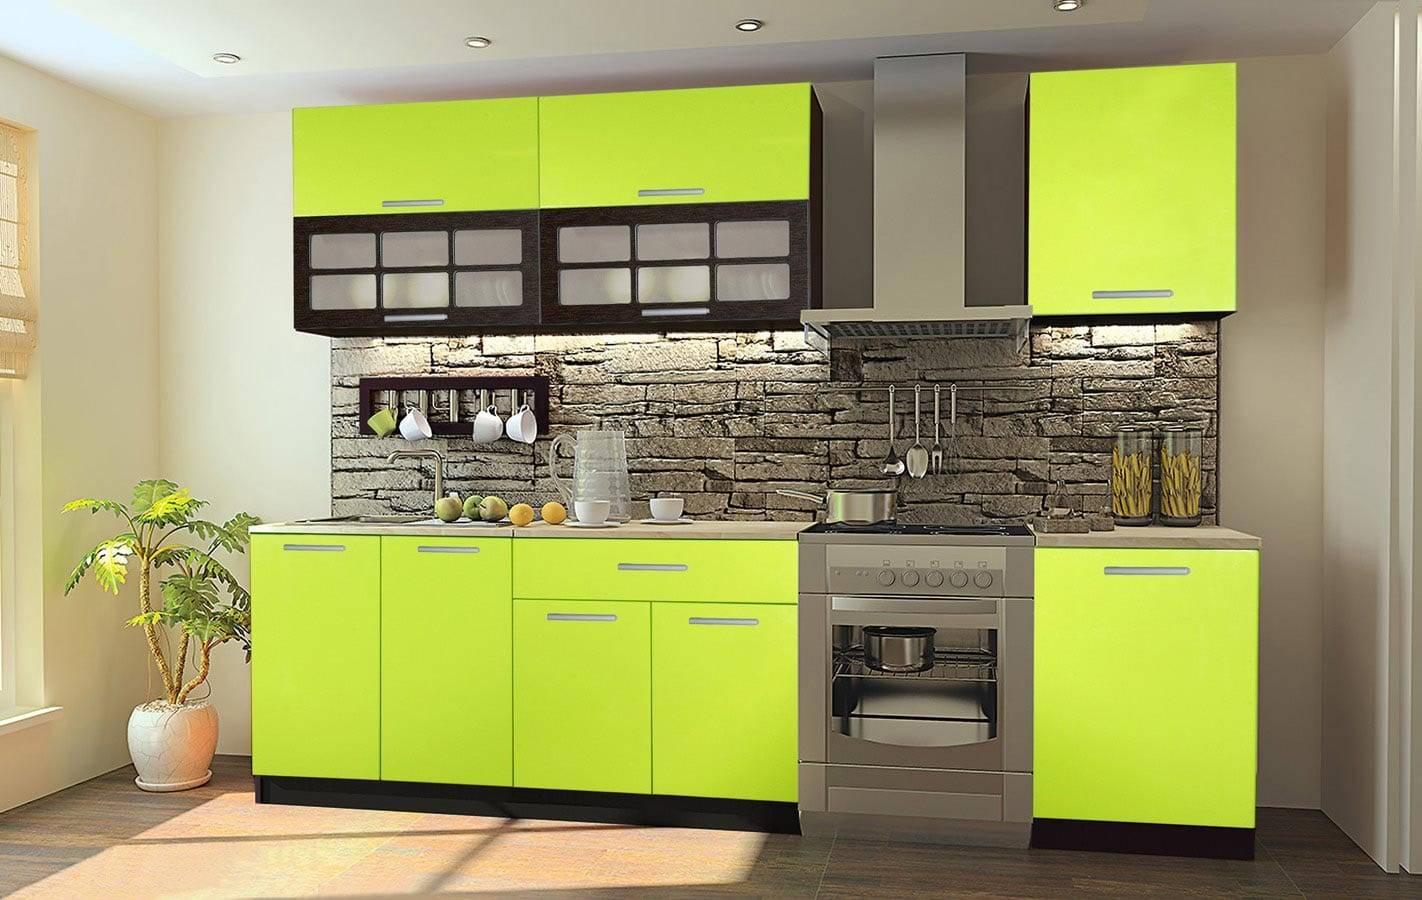 Кухни лайм (52 фото): кухонный гарнитур лаймового цвета с венге, белым и другими оттенками в интерьере кухни. с какими еще оттенками сочетается лайм?